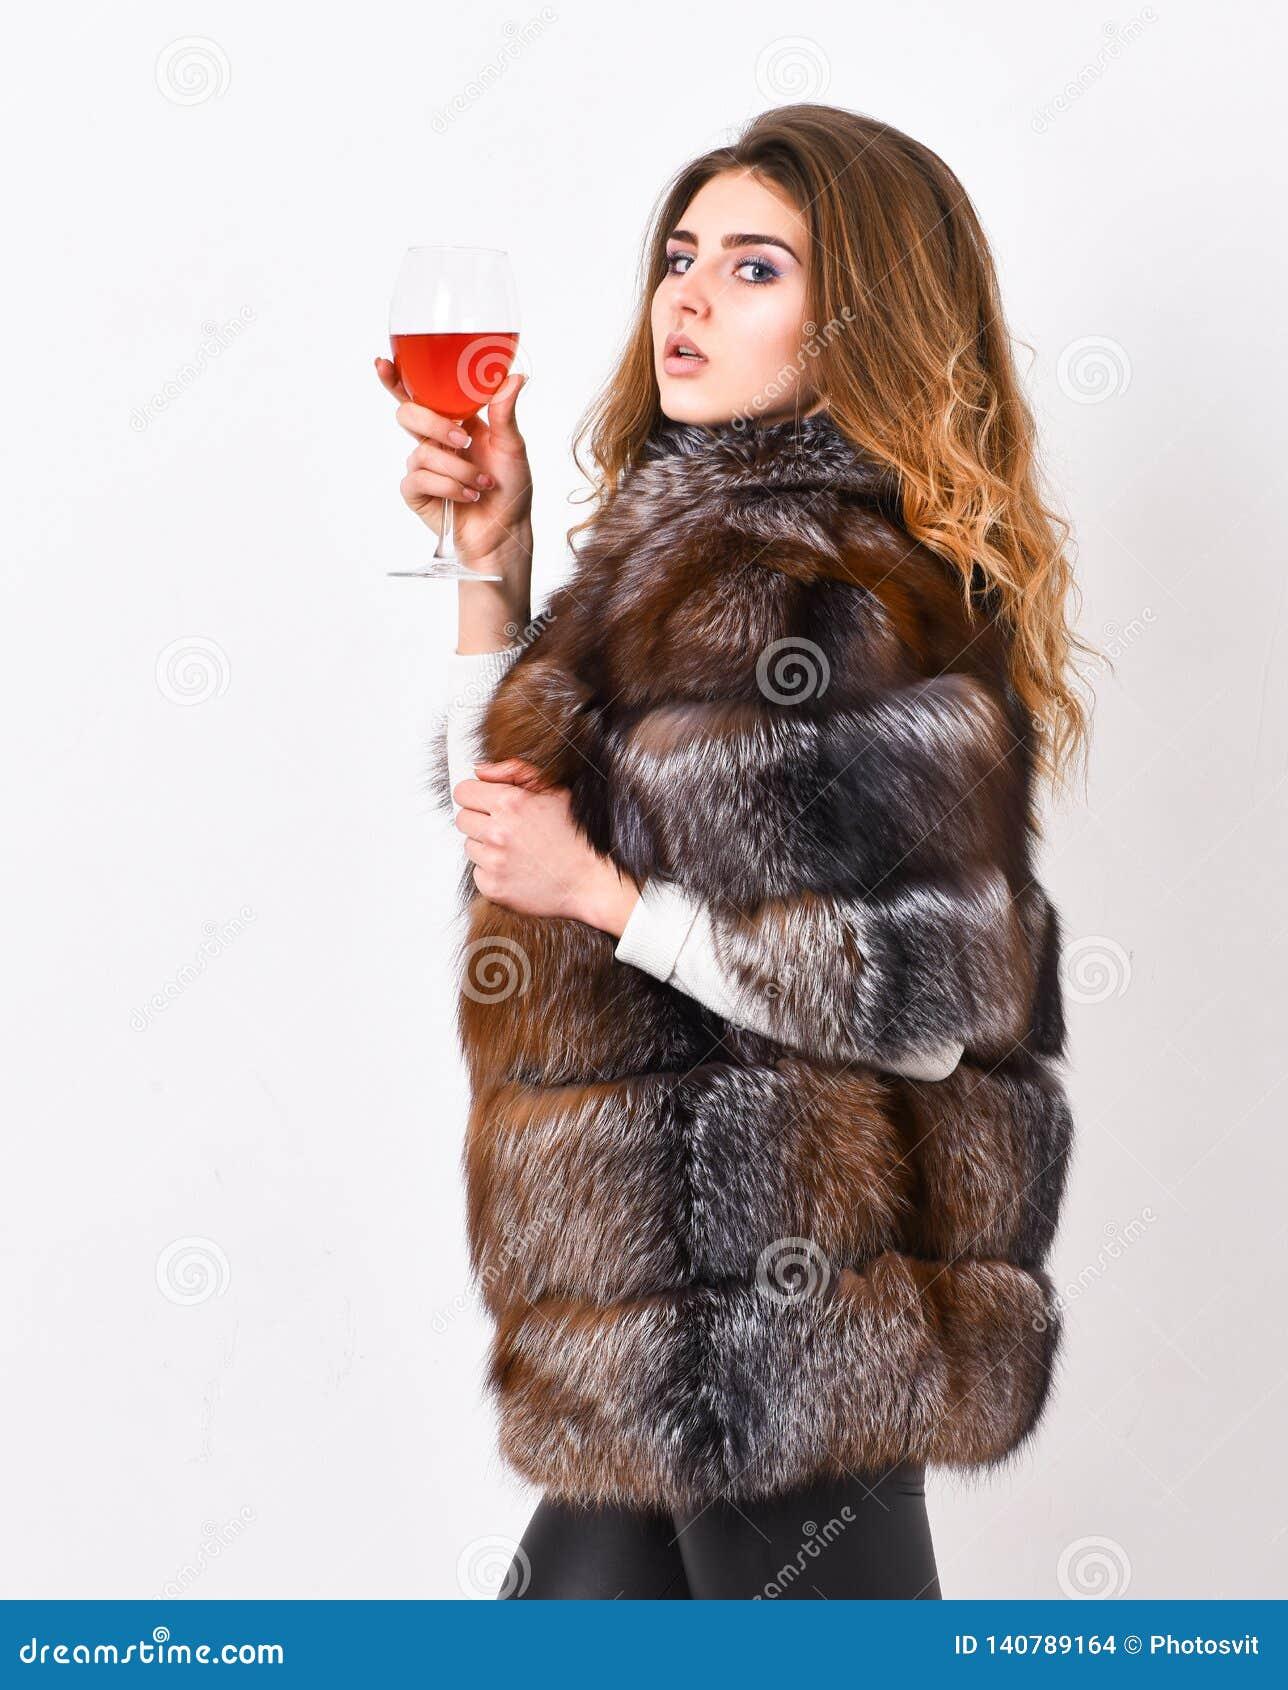 Peinado rizado del modelo de moda de la señora gozar del vino de la élite Concepto de la cultura del vino vino de la bebida de la